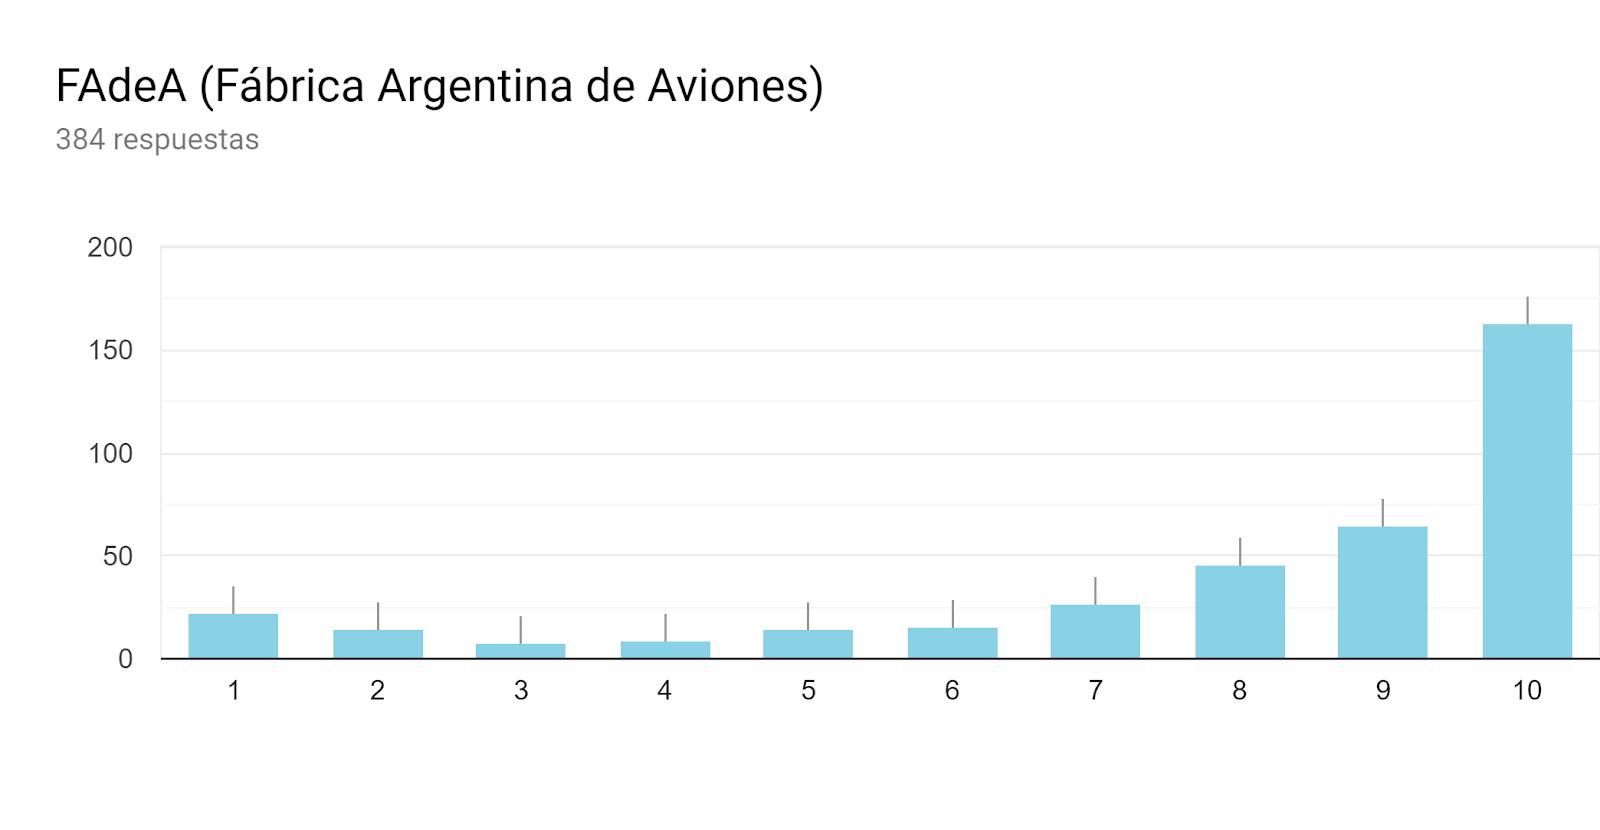 Gráfico de respuestas de formularios. Título de la pregunta:FAdeA (Fábrica Argentina de Aviones). Número de respuestas:384 respuestas.